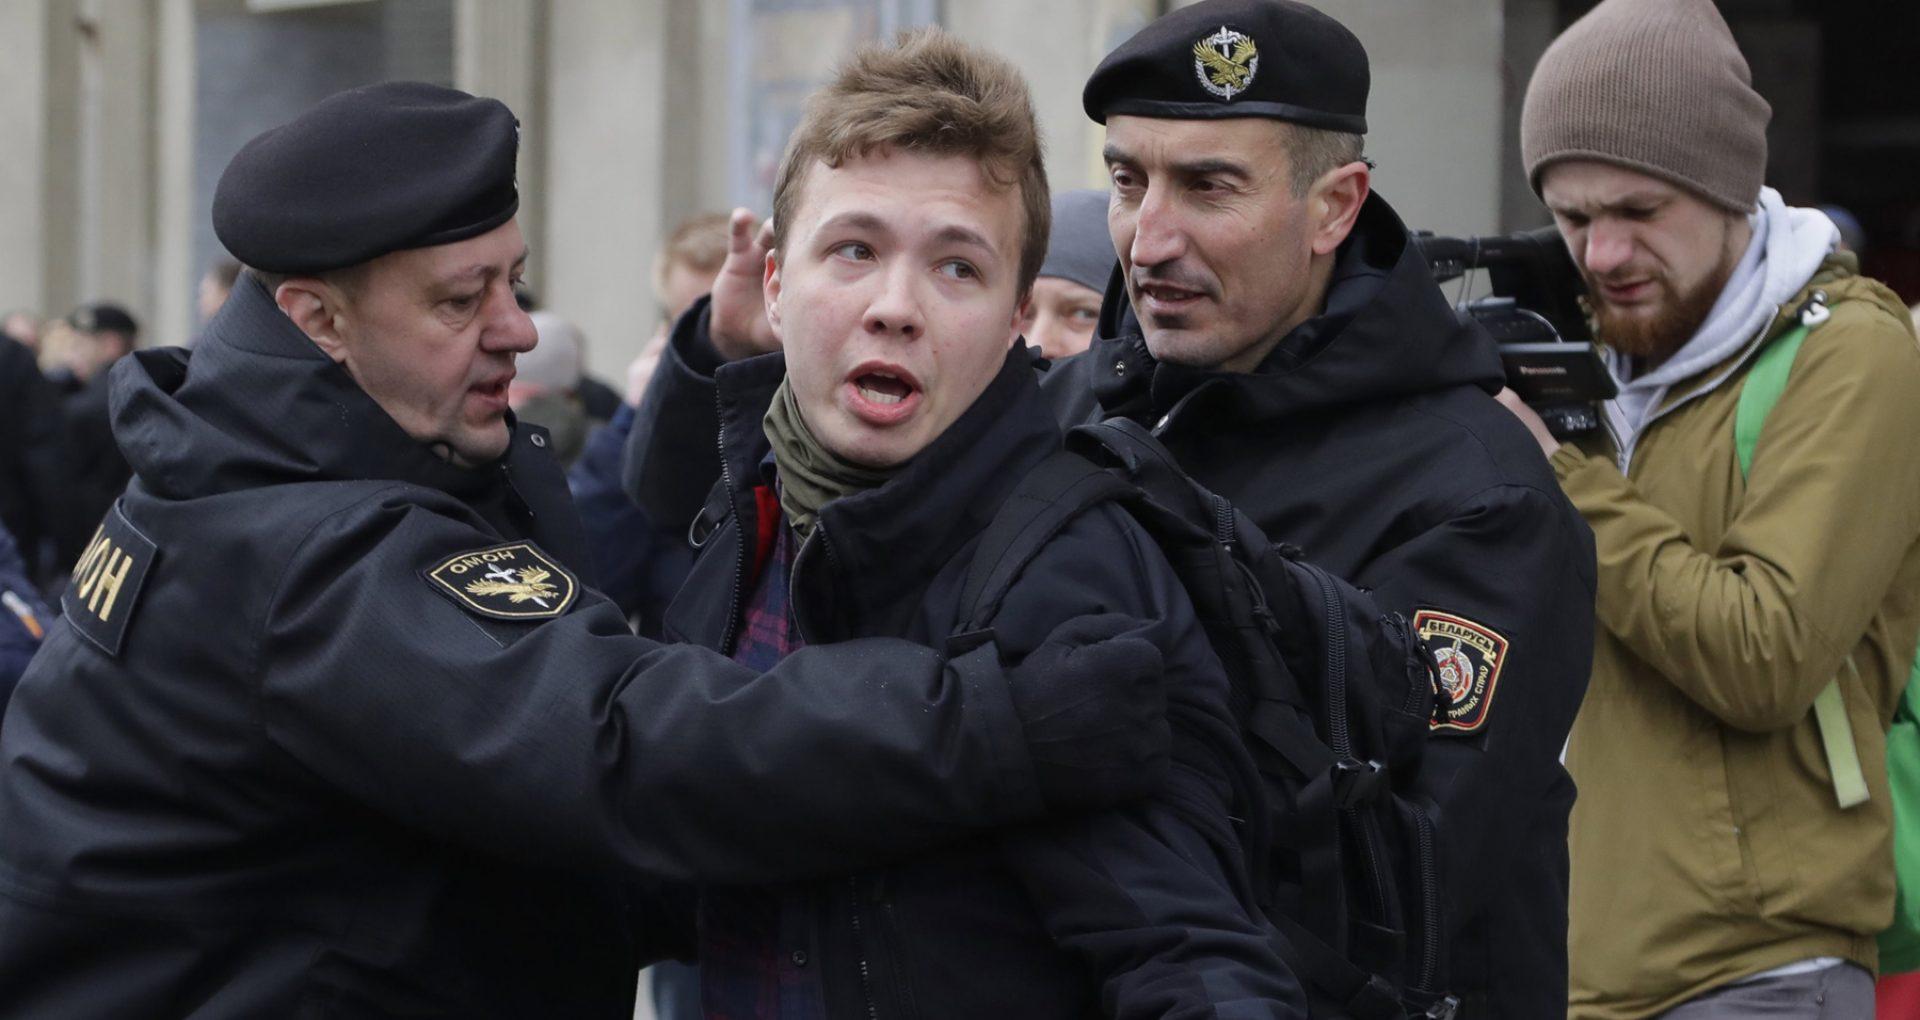 """DOC/ Parlamentul European a adoptat o rezoluție, prin care solicită mai multe sancțiuni împotriva R. Belarus în urma deturnării zborului Ryanair: """"sprijinul financiar acordat regimului trebuie strict refuzat"""""""